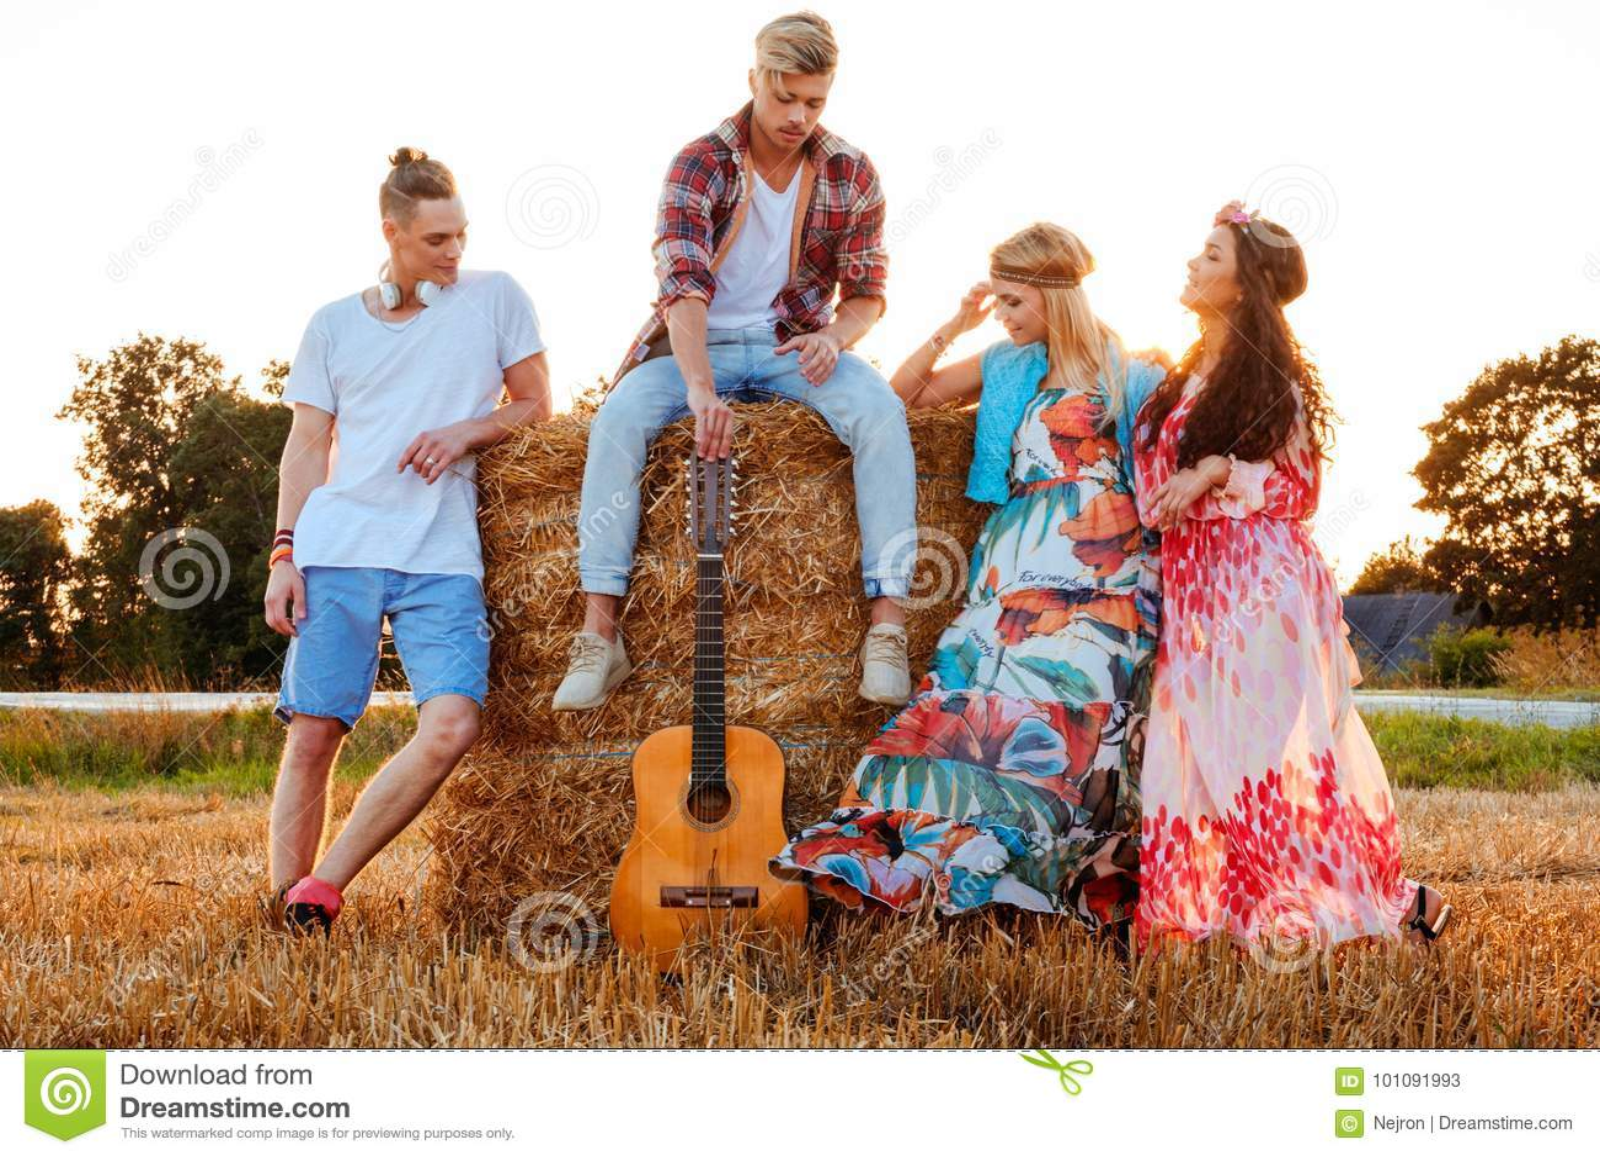 Hippievrienden met gitaar op een tarwegebied